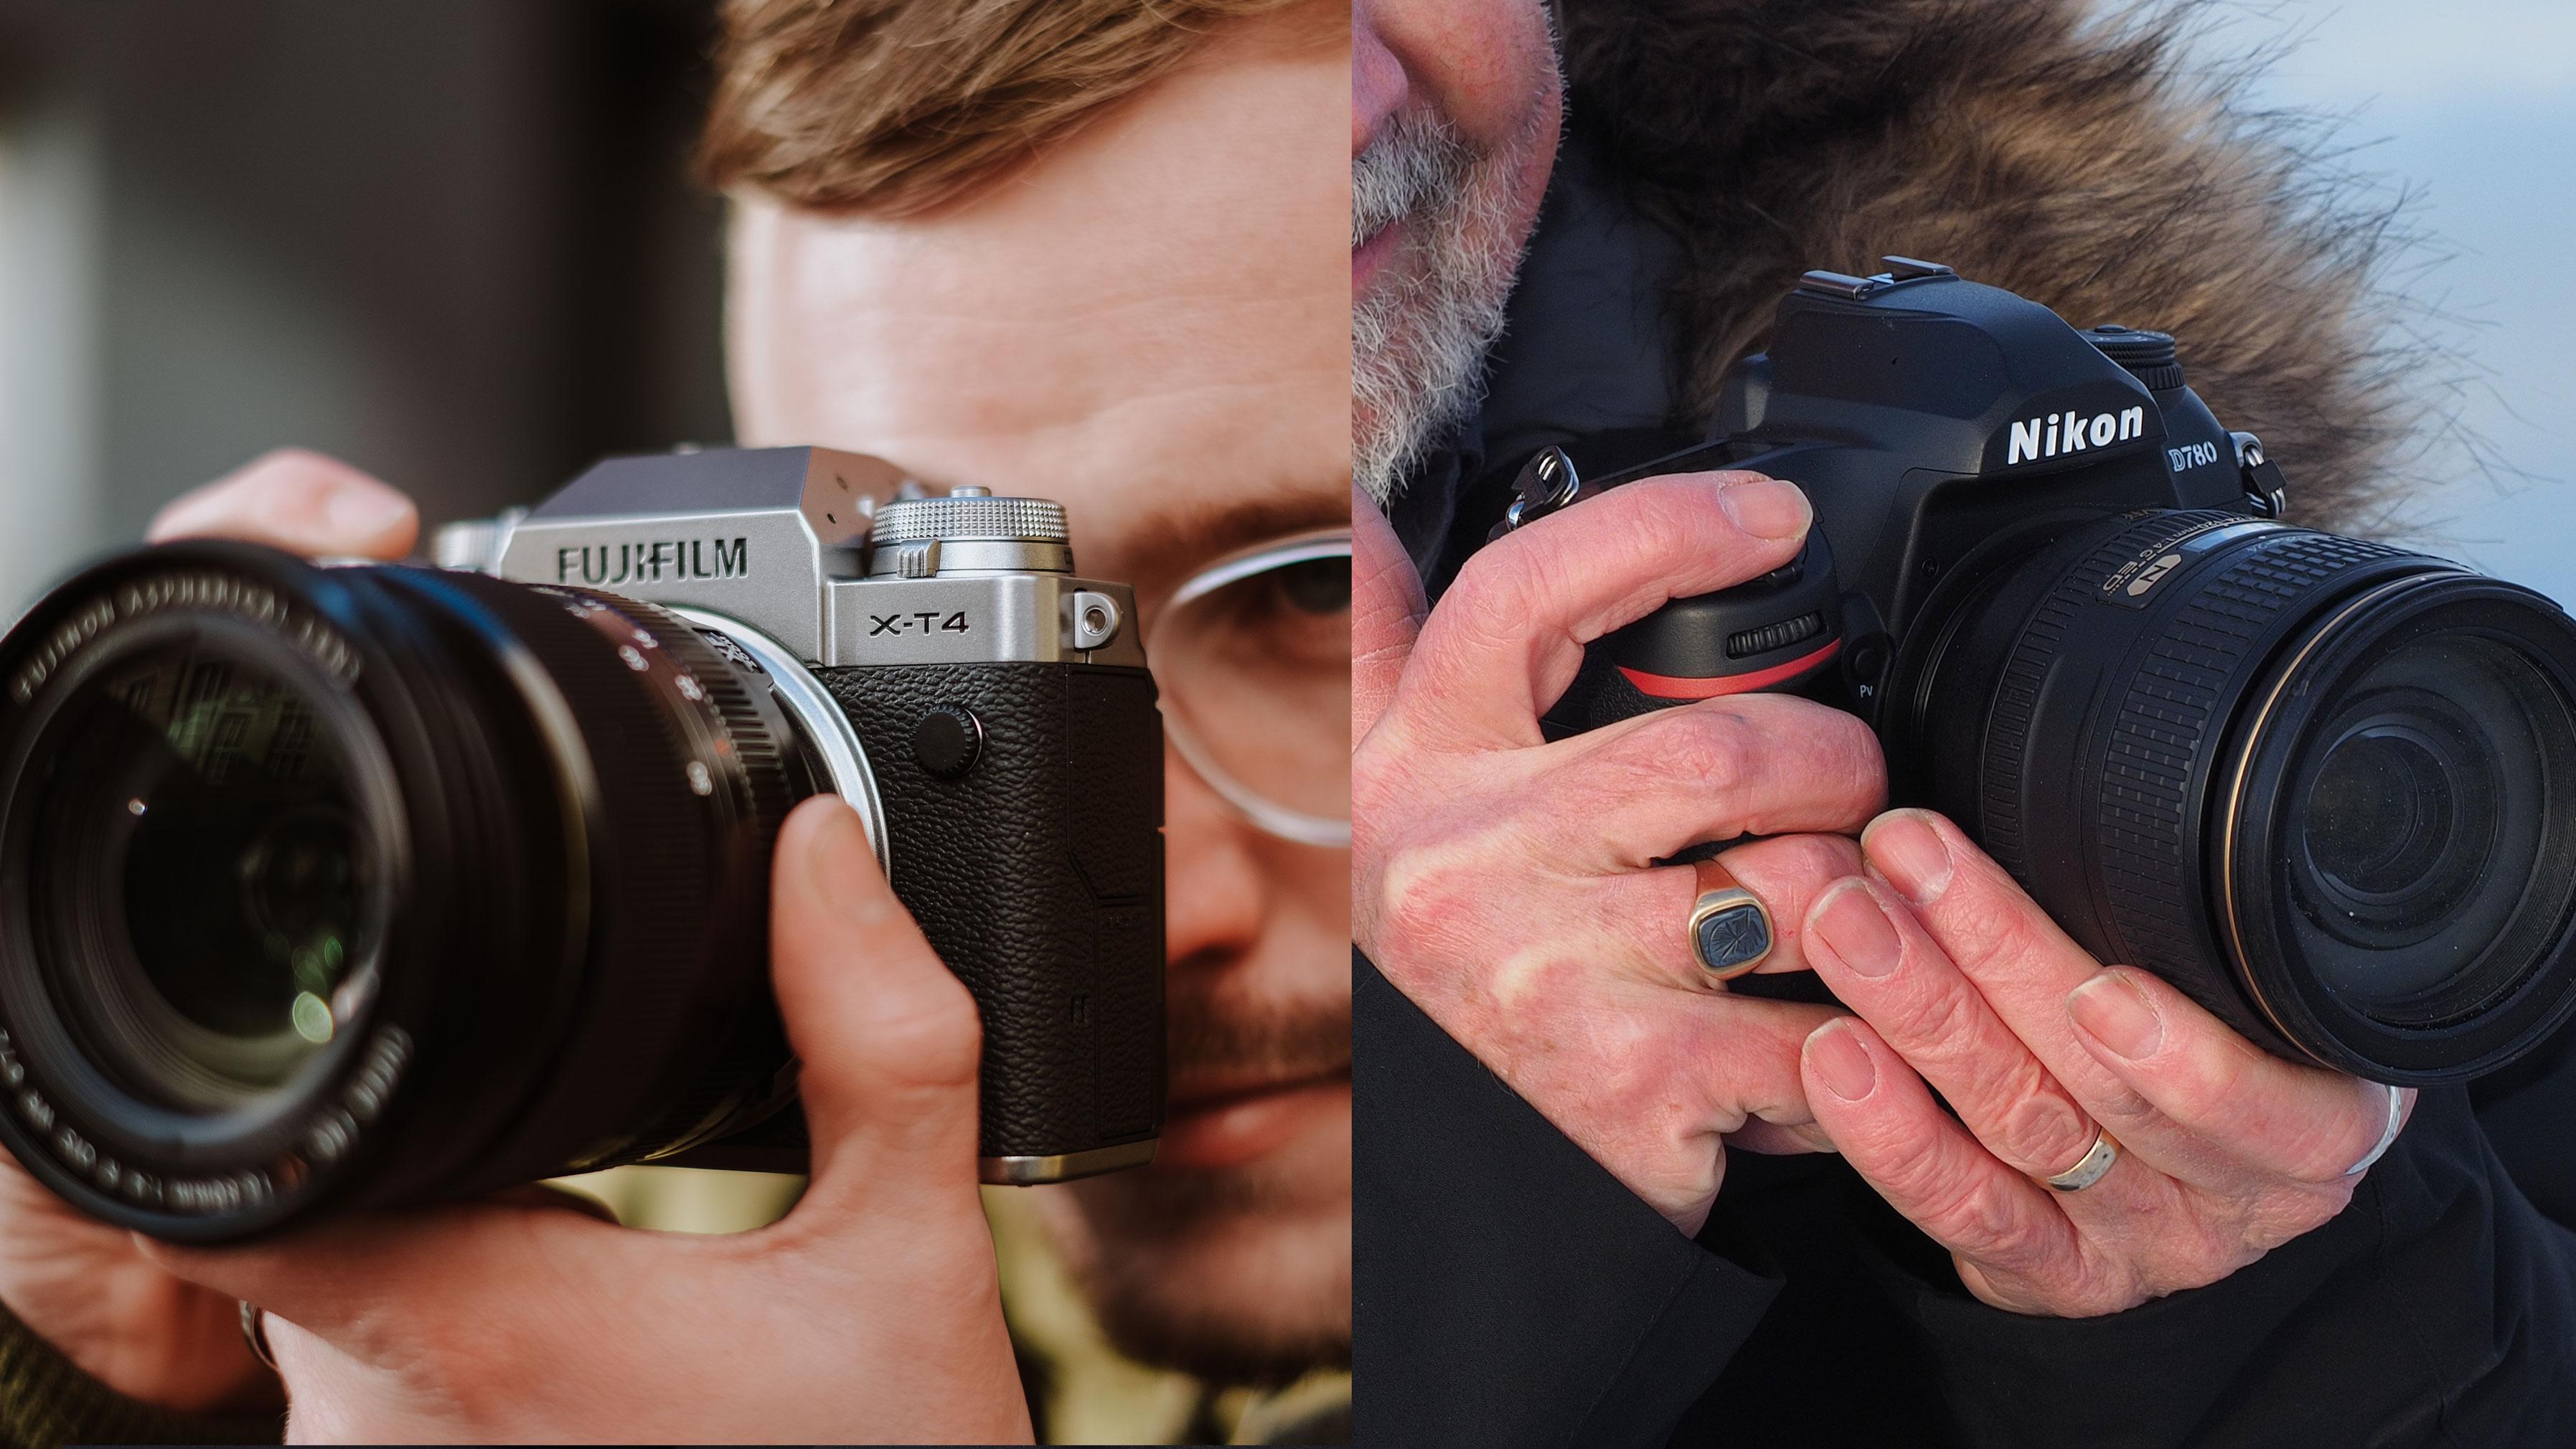 Baru Belajar Fotografi, Pilih DSLR atau Mirrorless?